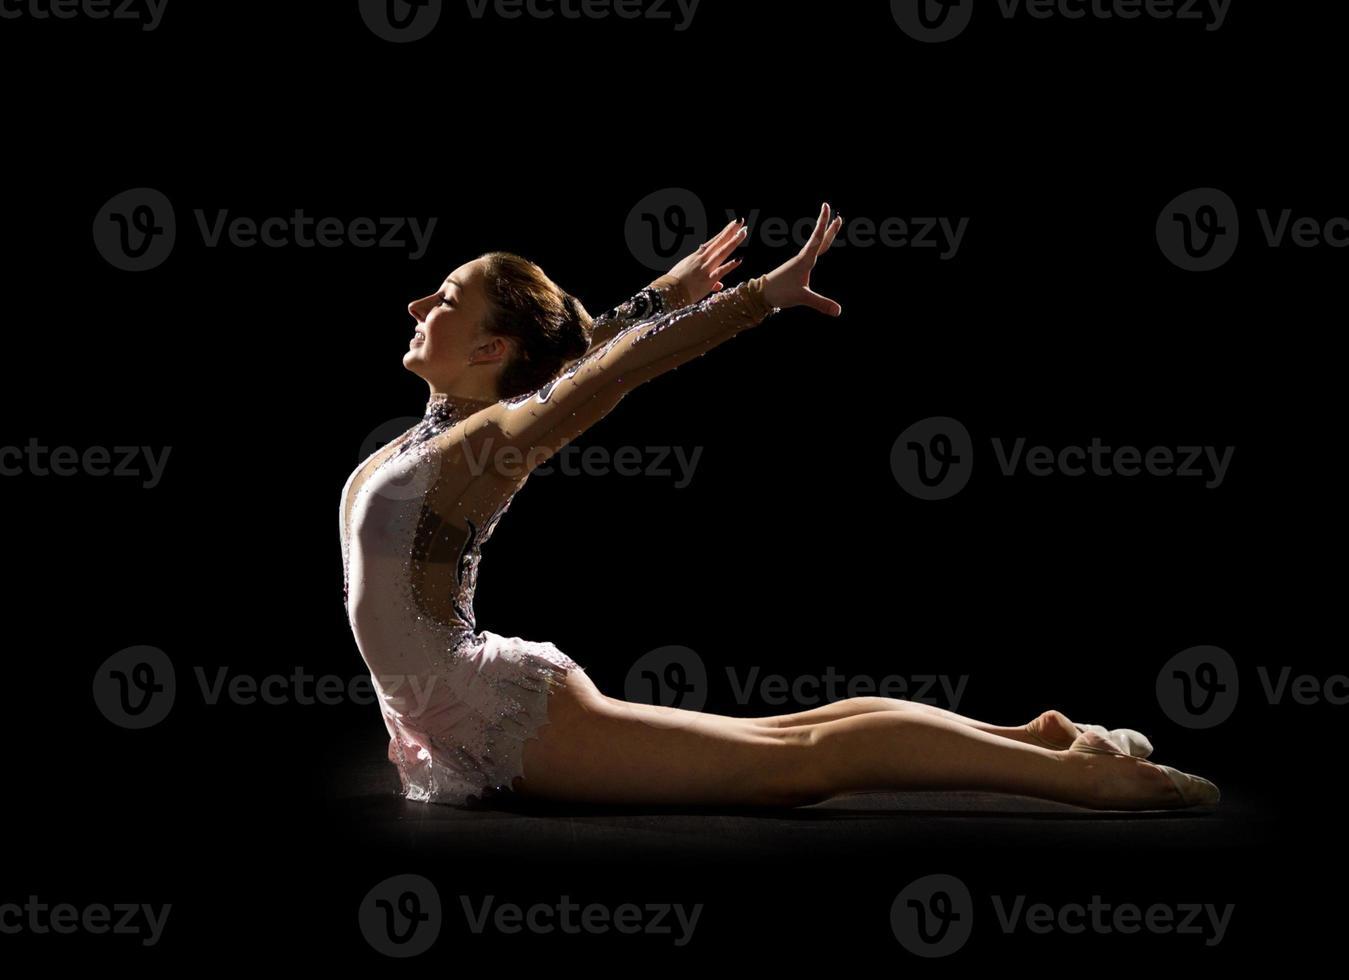 jong meisje bezig met gymnastiek kunst foto